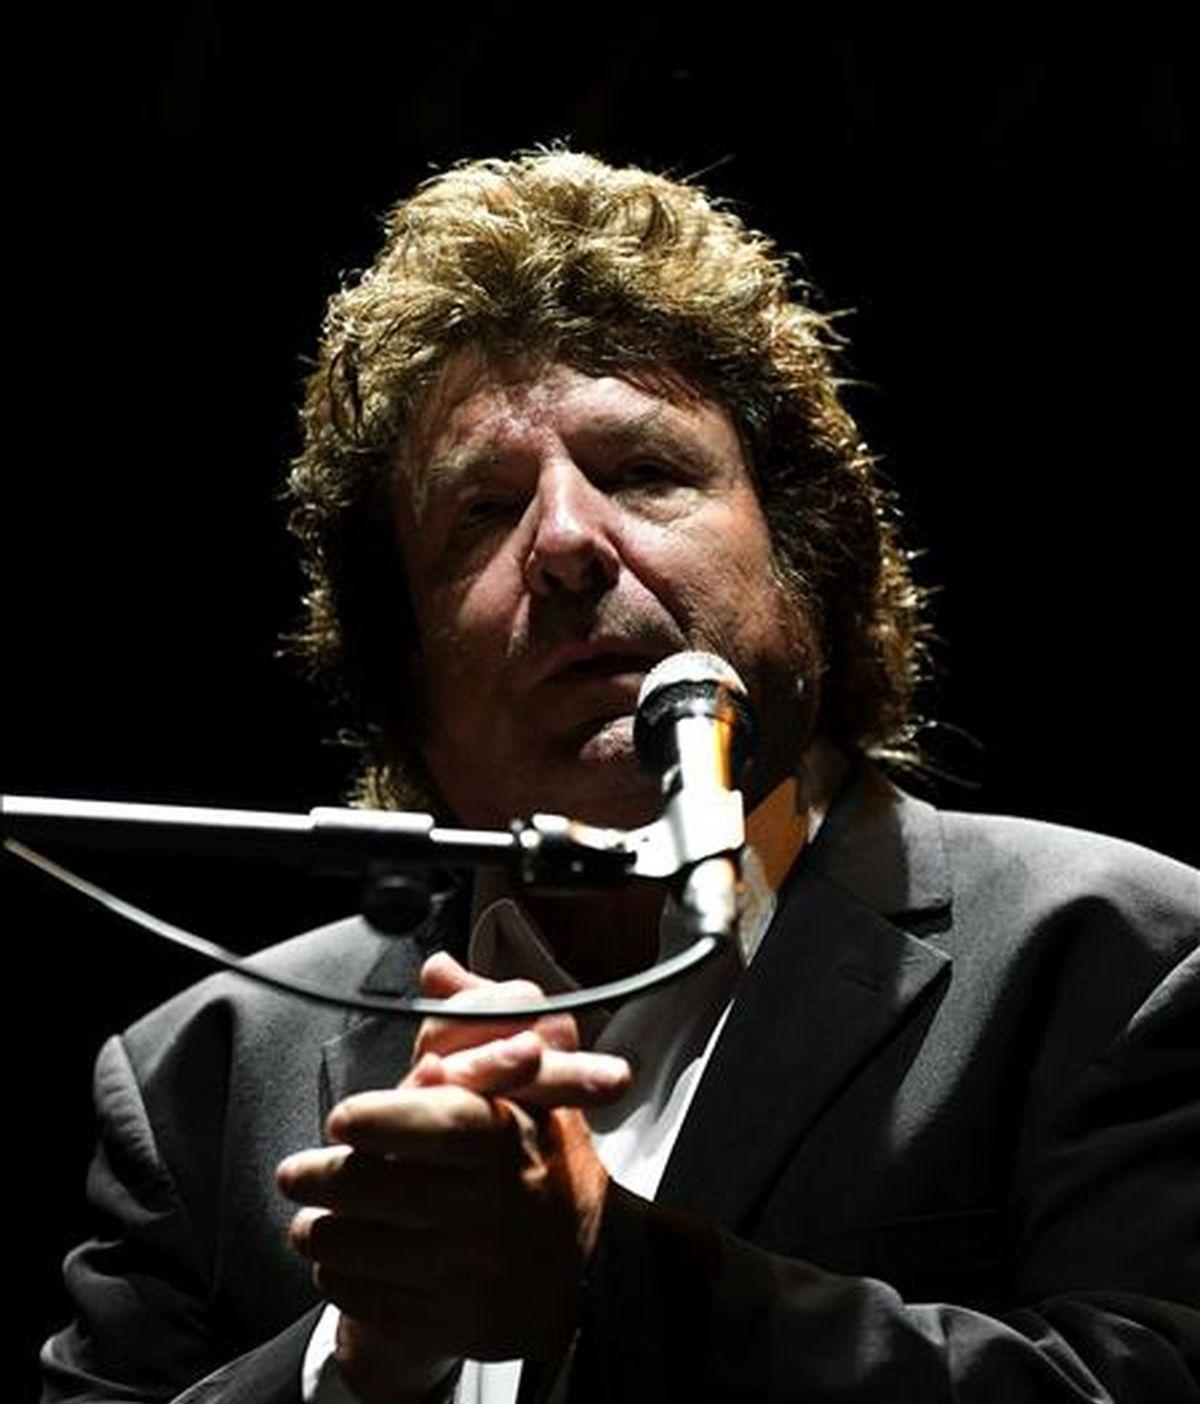 El cantaor granadino Enrique Morente, durante su actuación el pasado mes de agosto en el Festival Internacional del Cante de las Minas de La unión (Murcia). EFE/Archivo